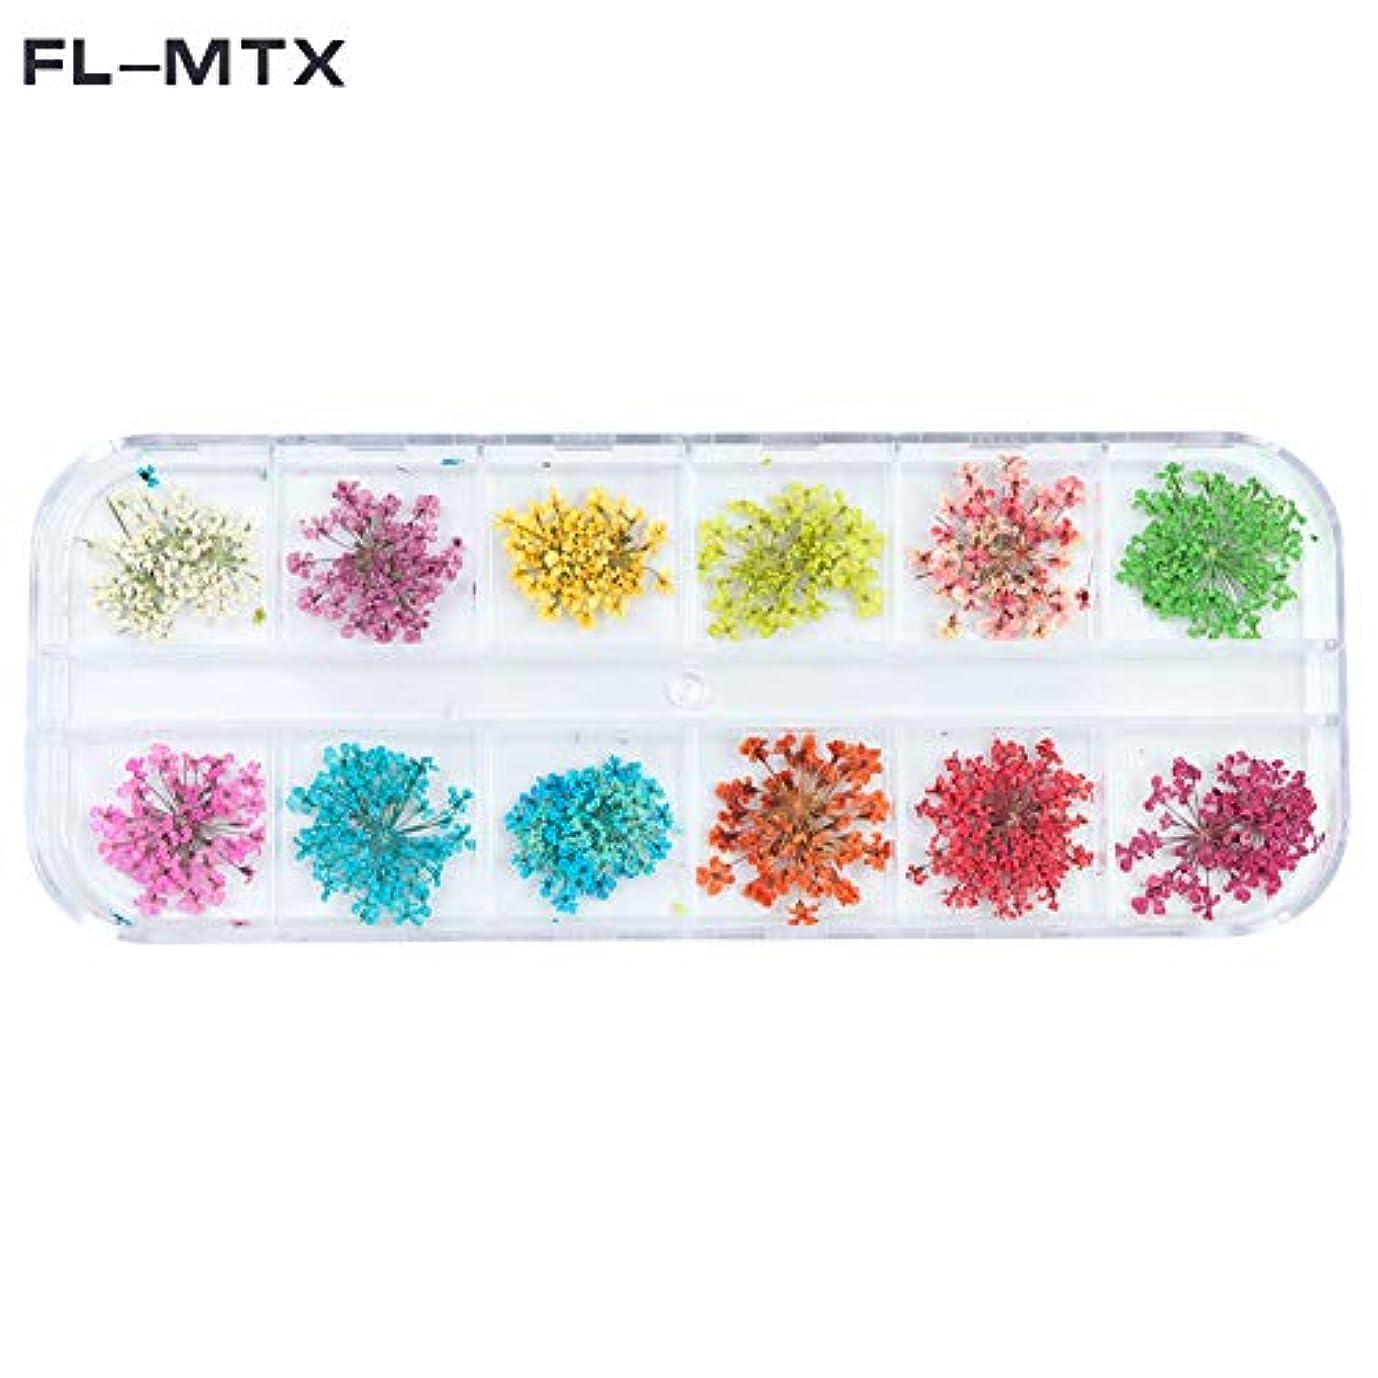 裁定蓮伴う1パックのネイルジュエリードライフラワーdiyクラフト(fl-mtx)の3dフラワーネイル装飾用ドライネイル用品の12色違い